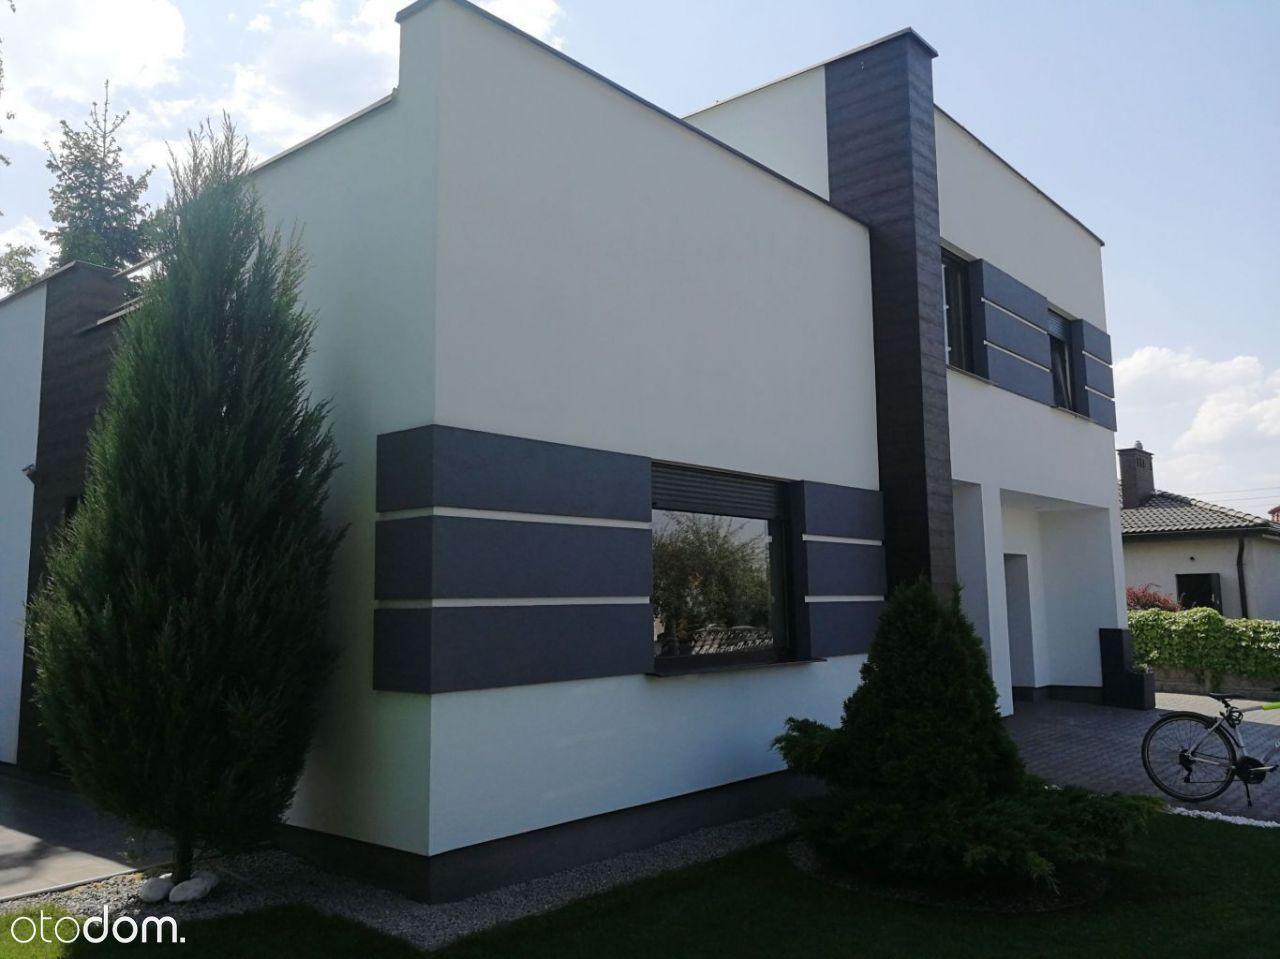 Dom na sprzedaż, Ostrów Wielkopolski, ostrowski, wielkopolskie - Foto 3